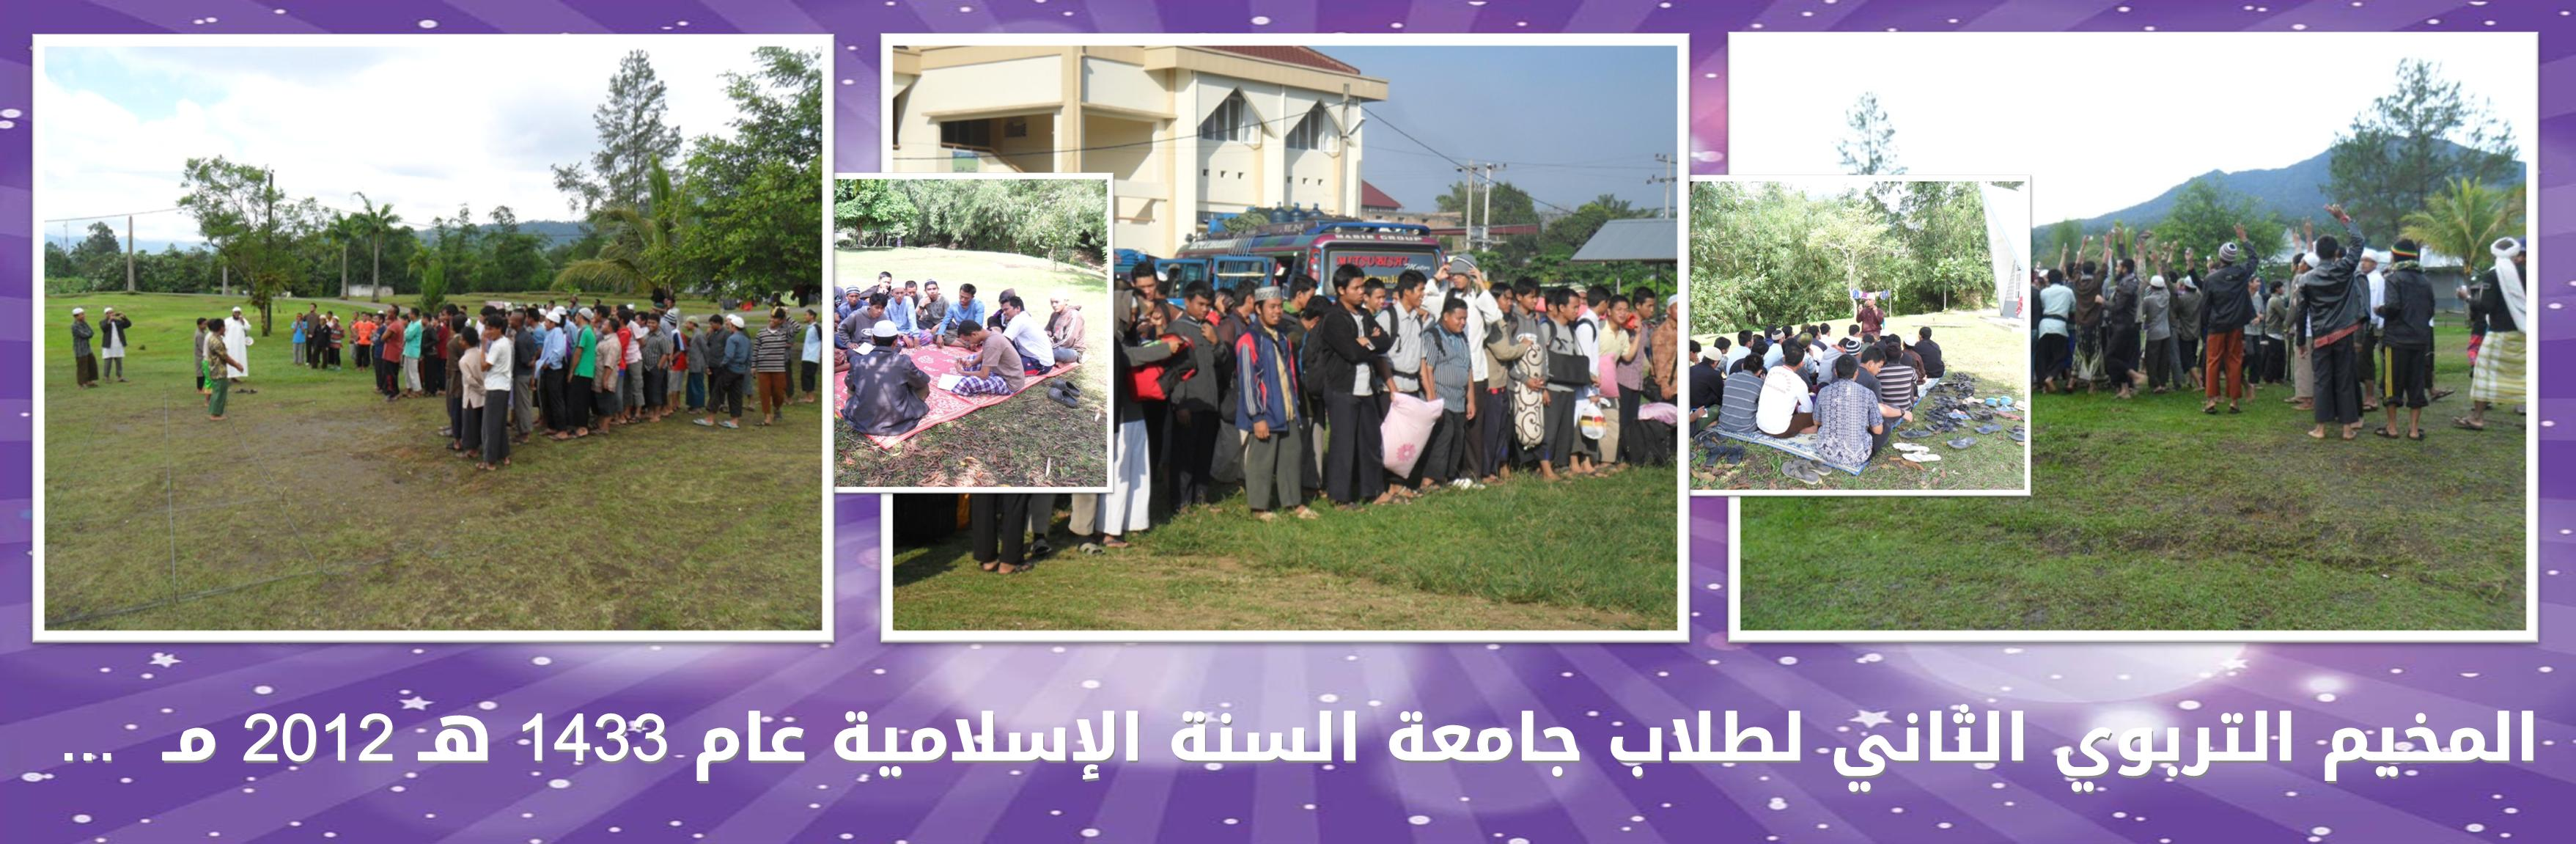 المخيم التربوي الثاني لطلاب جامعة السنة الإسلامية